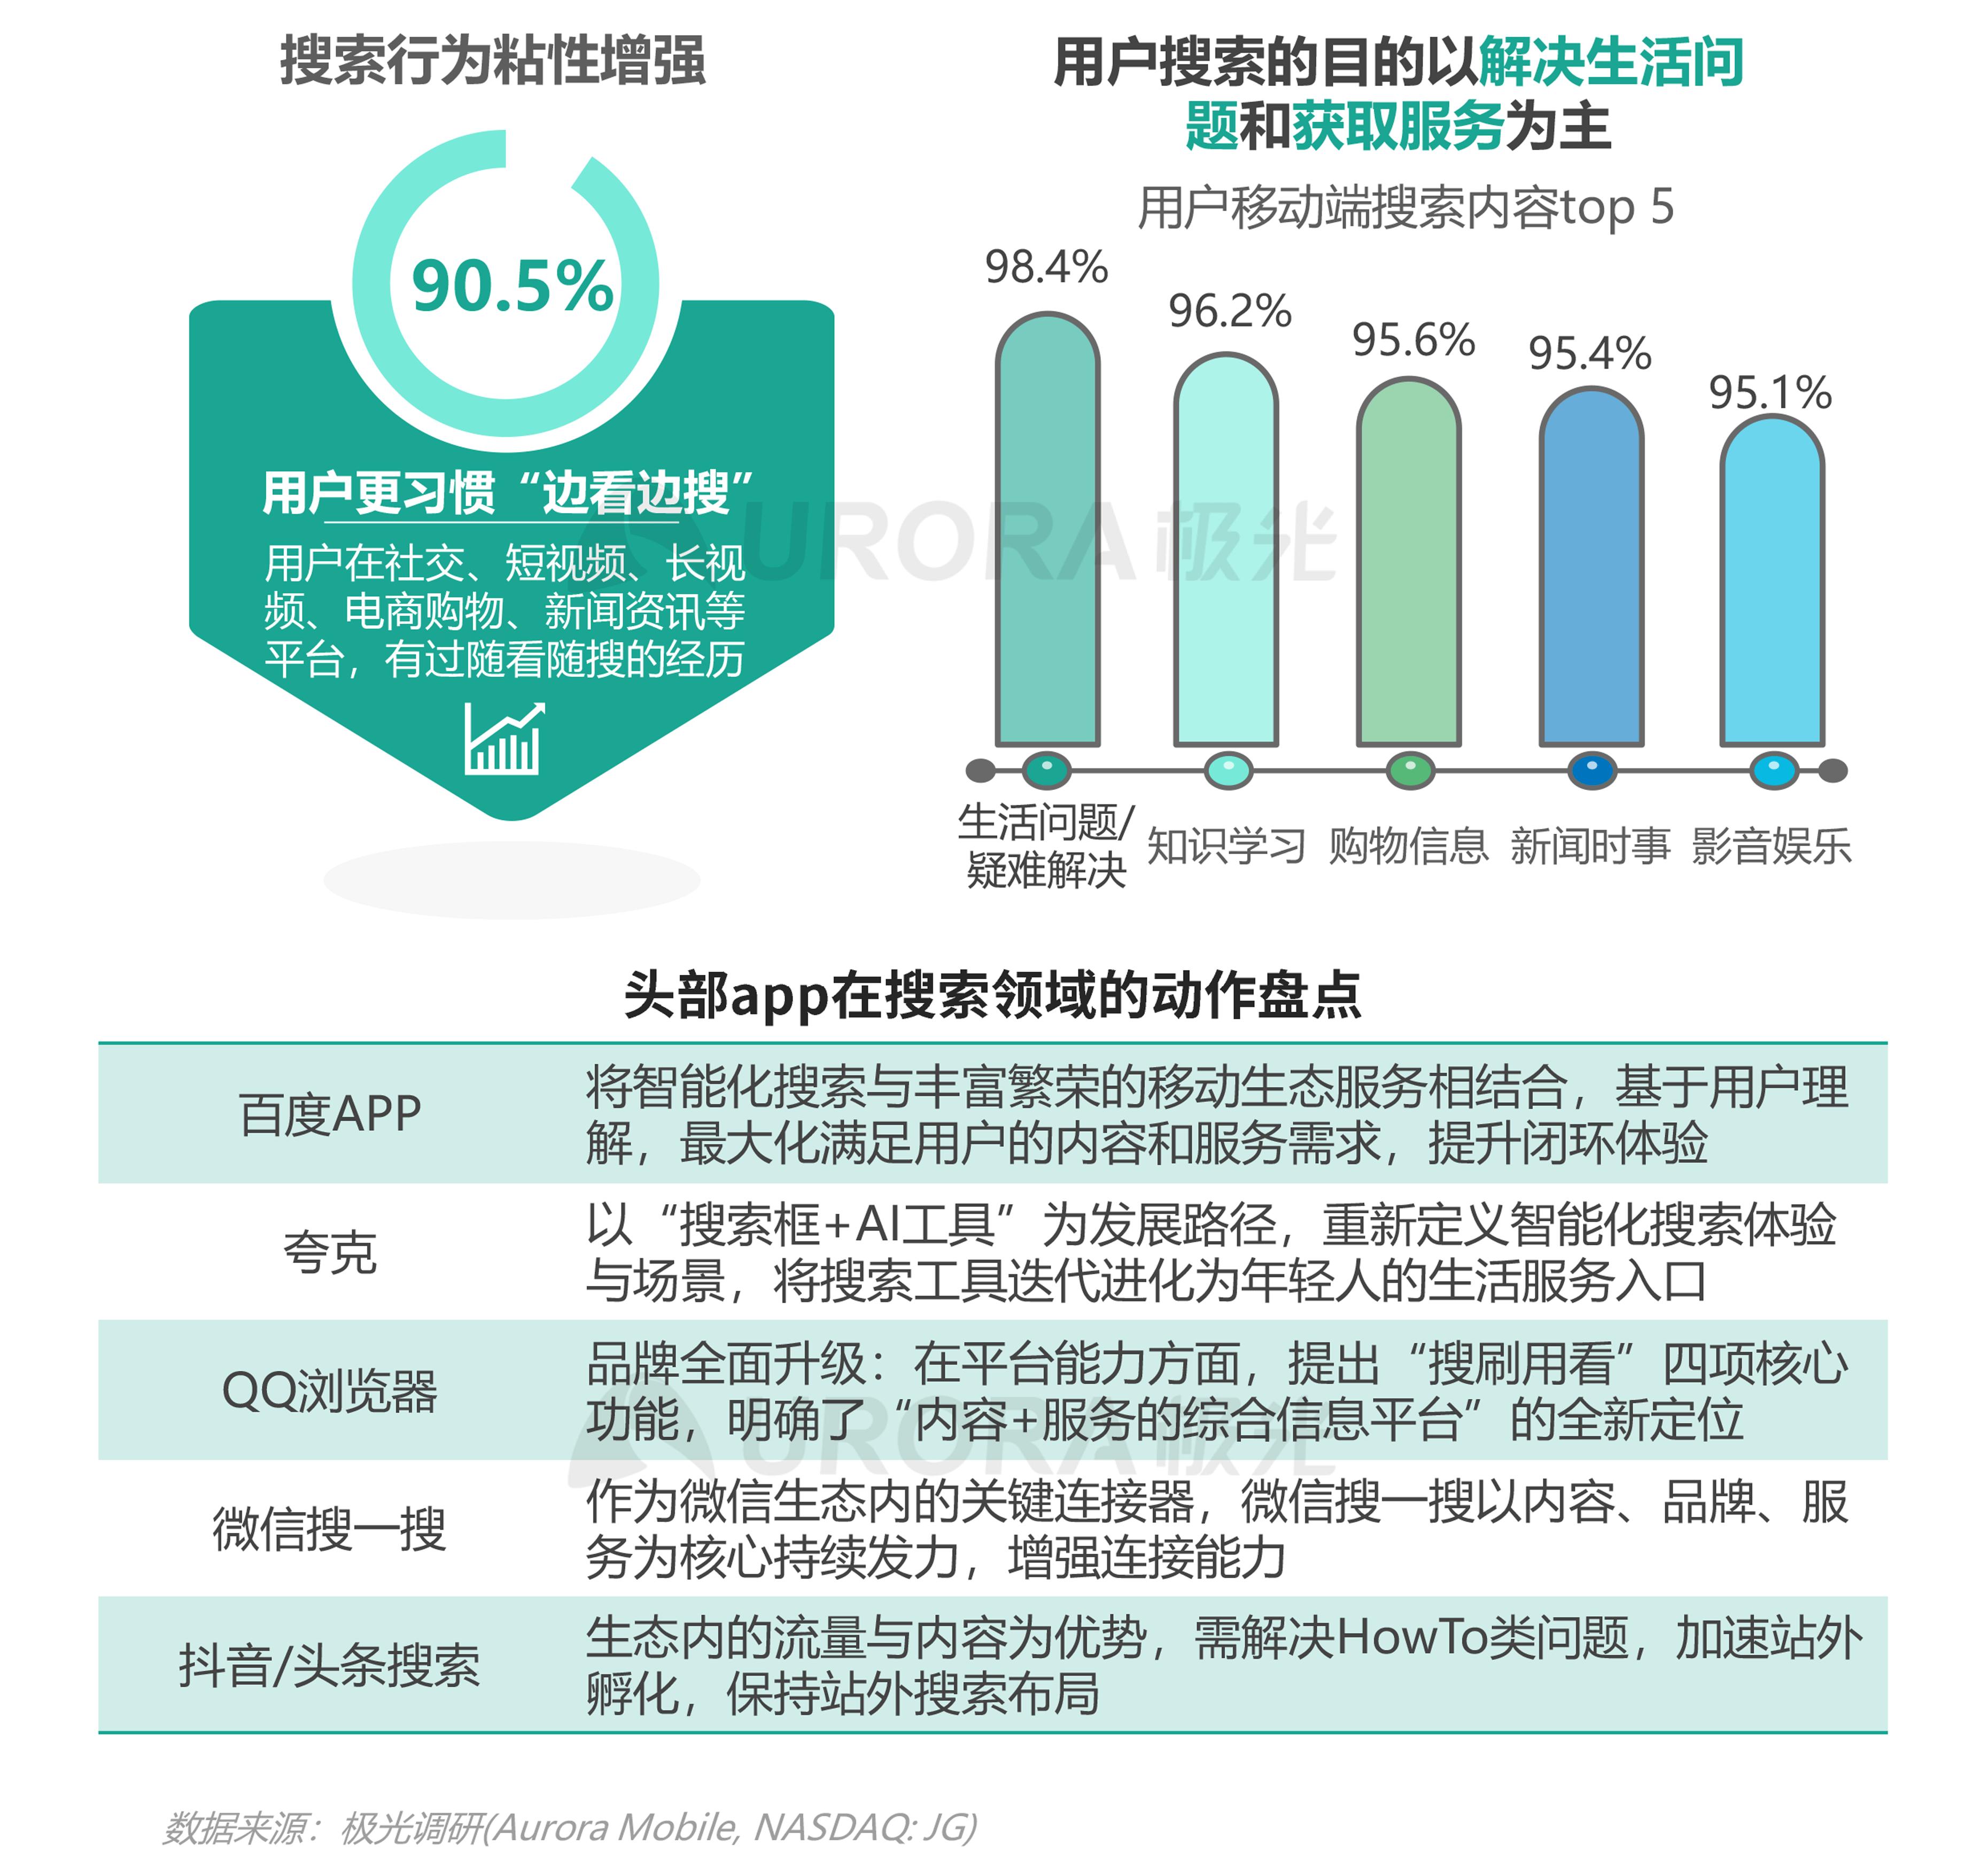 极光:2021年Q1移动互联网报告 (14).png